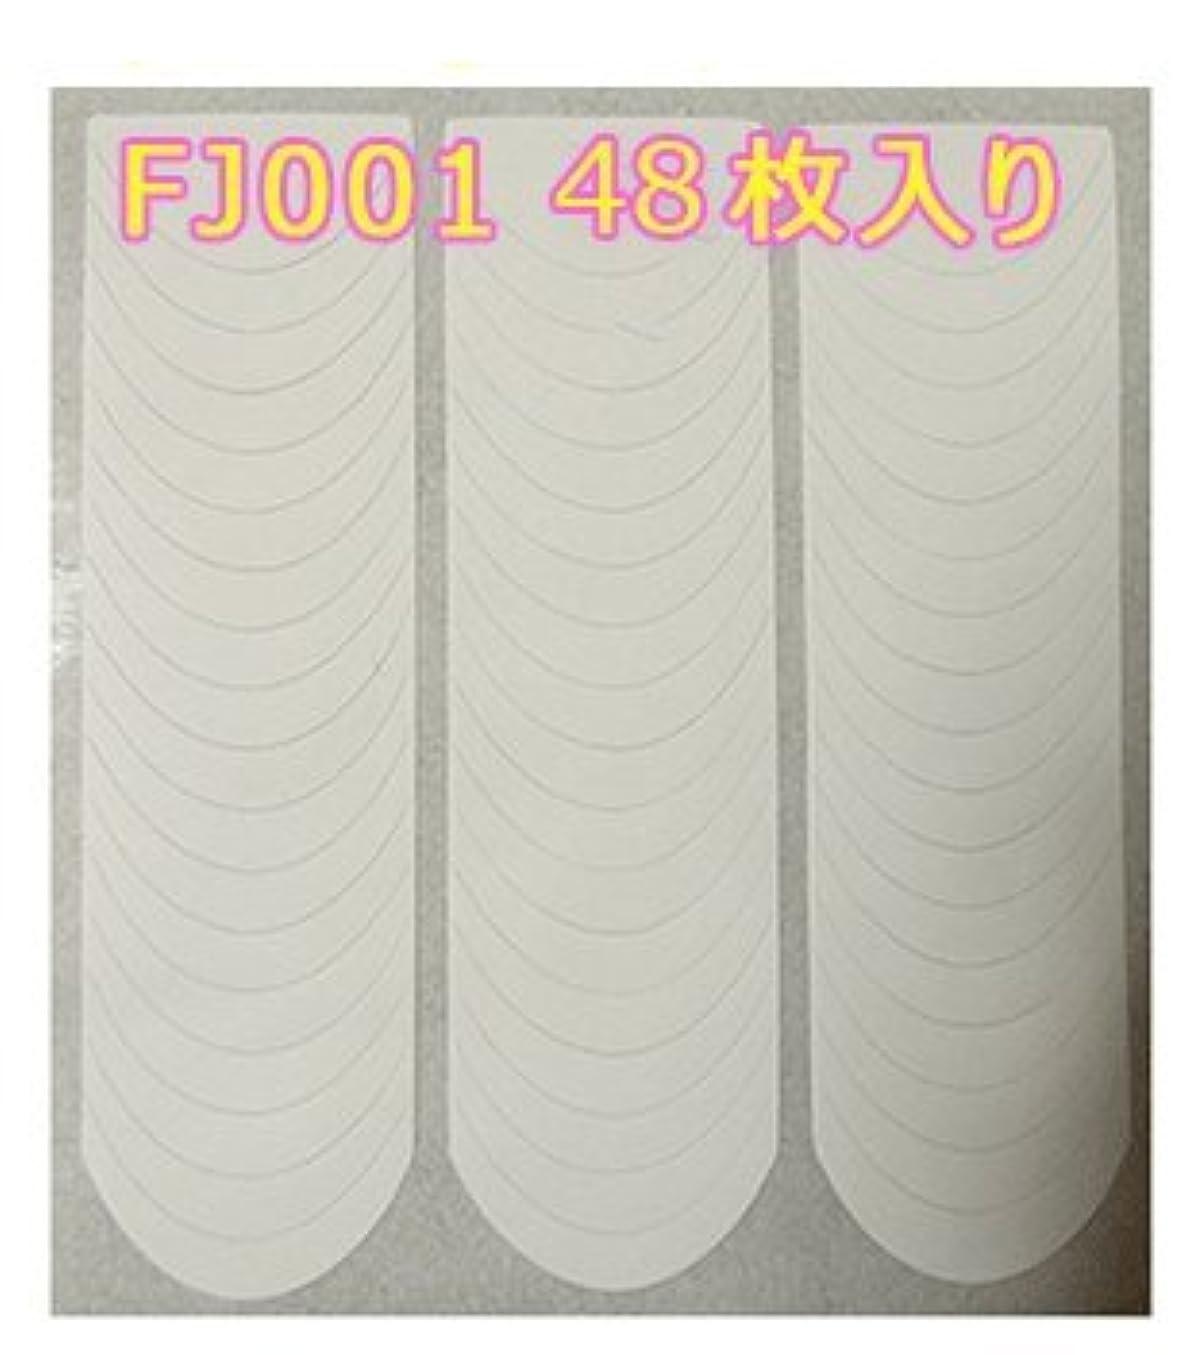 退屈な列挙する与えるフレンチガイドテープ/フレンチネイルシール/☆選べる4タイプ! (FJ001*48枚入り)